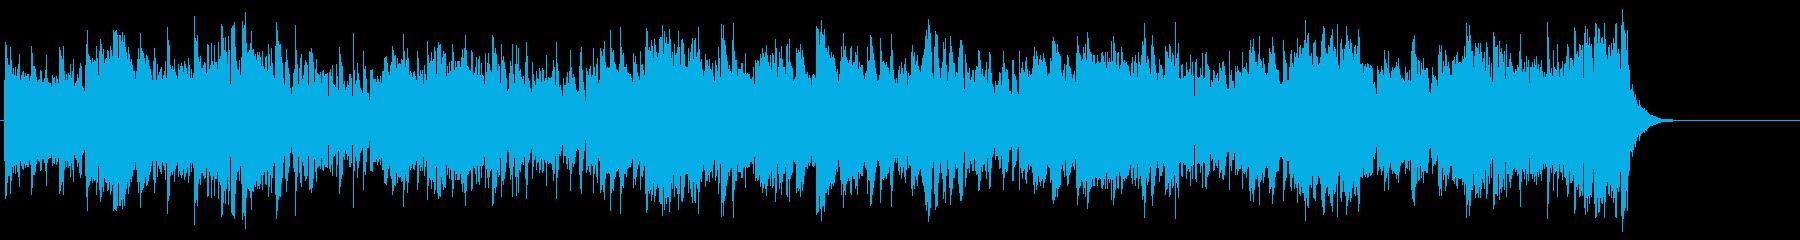 洗練のオープニングストレートフュージョンの再生済みの波形